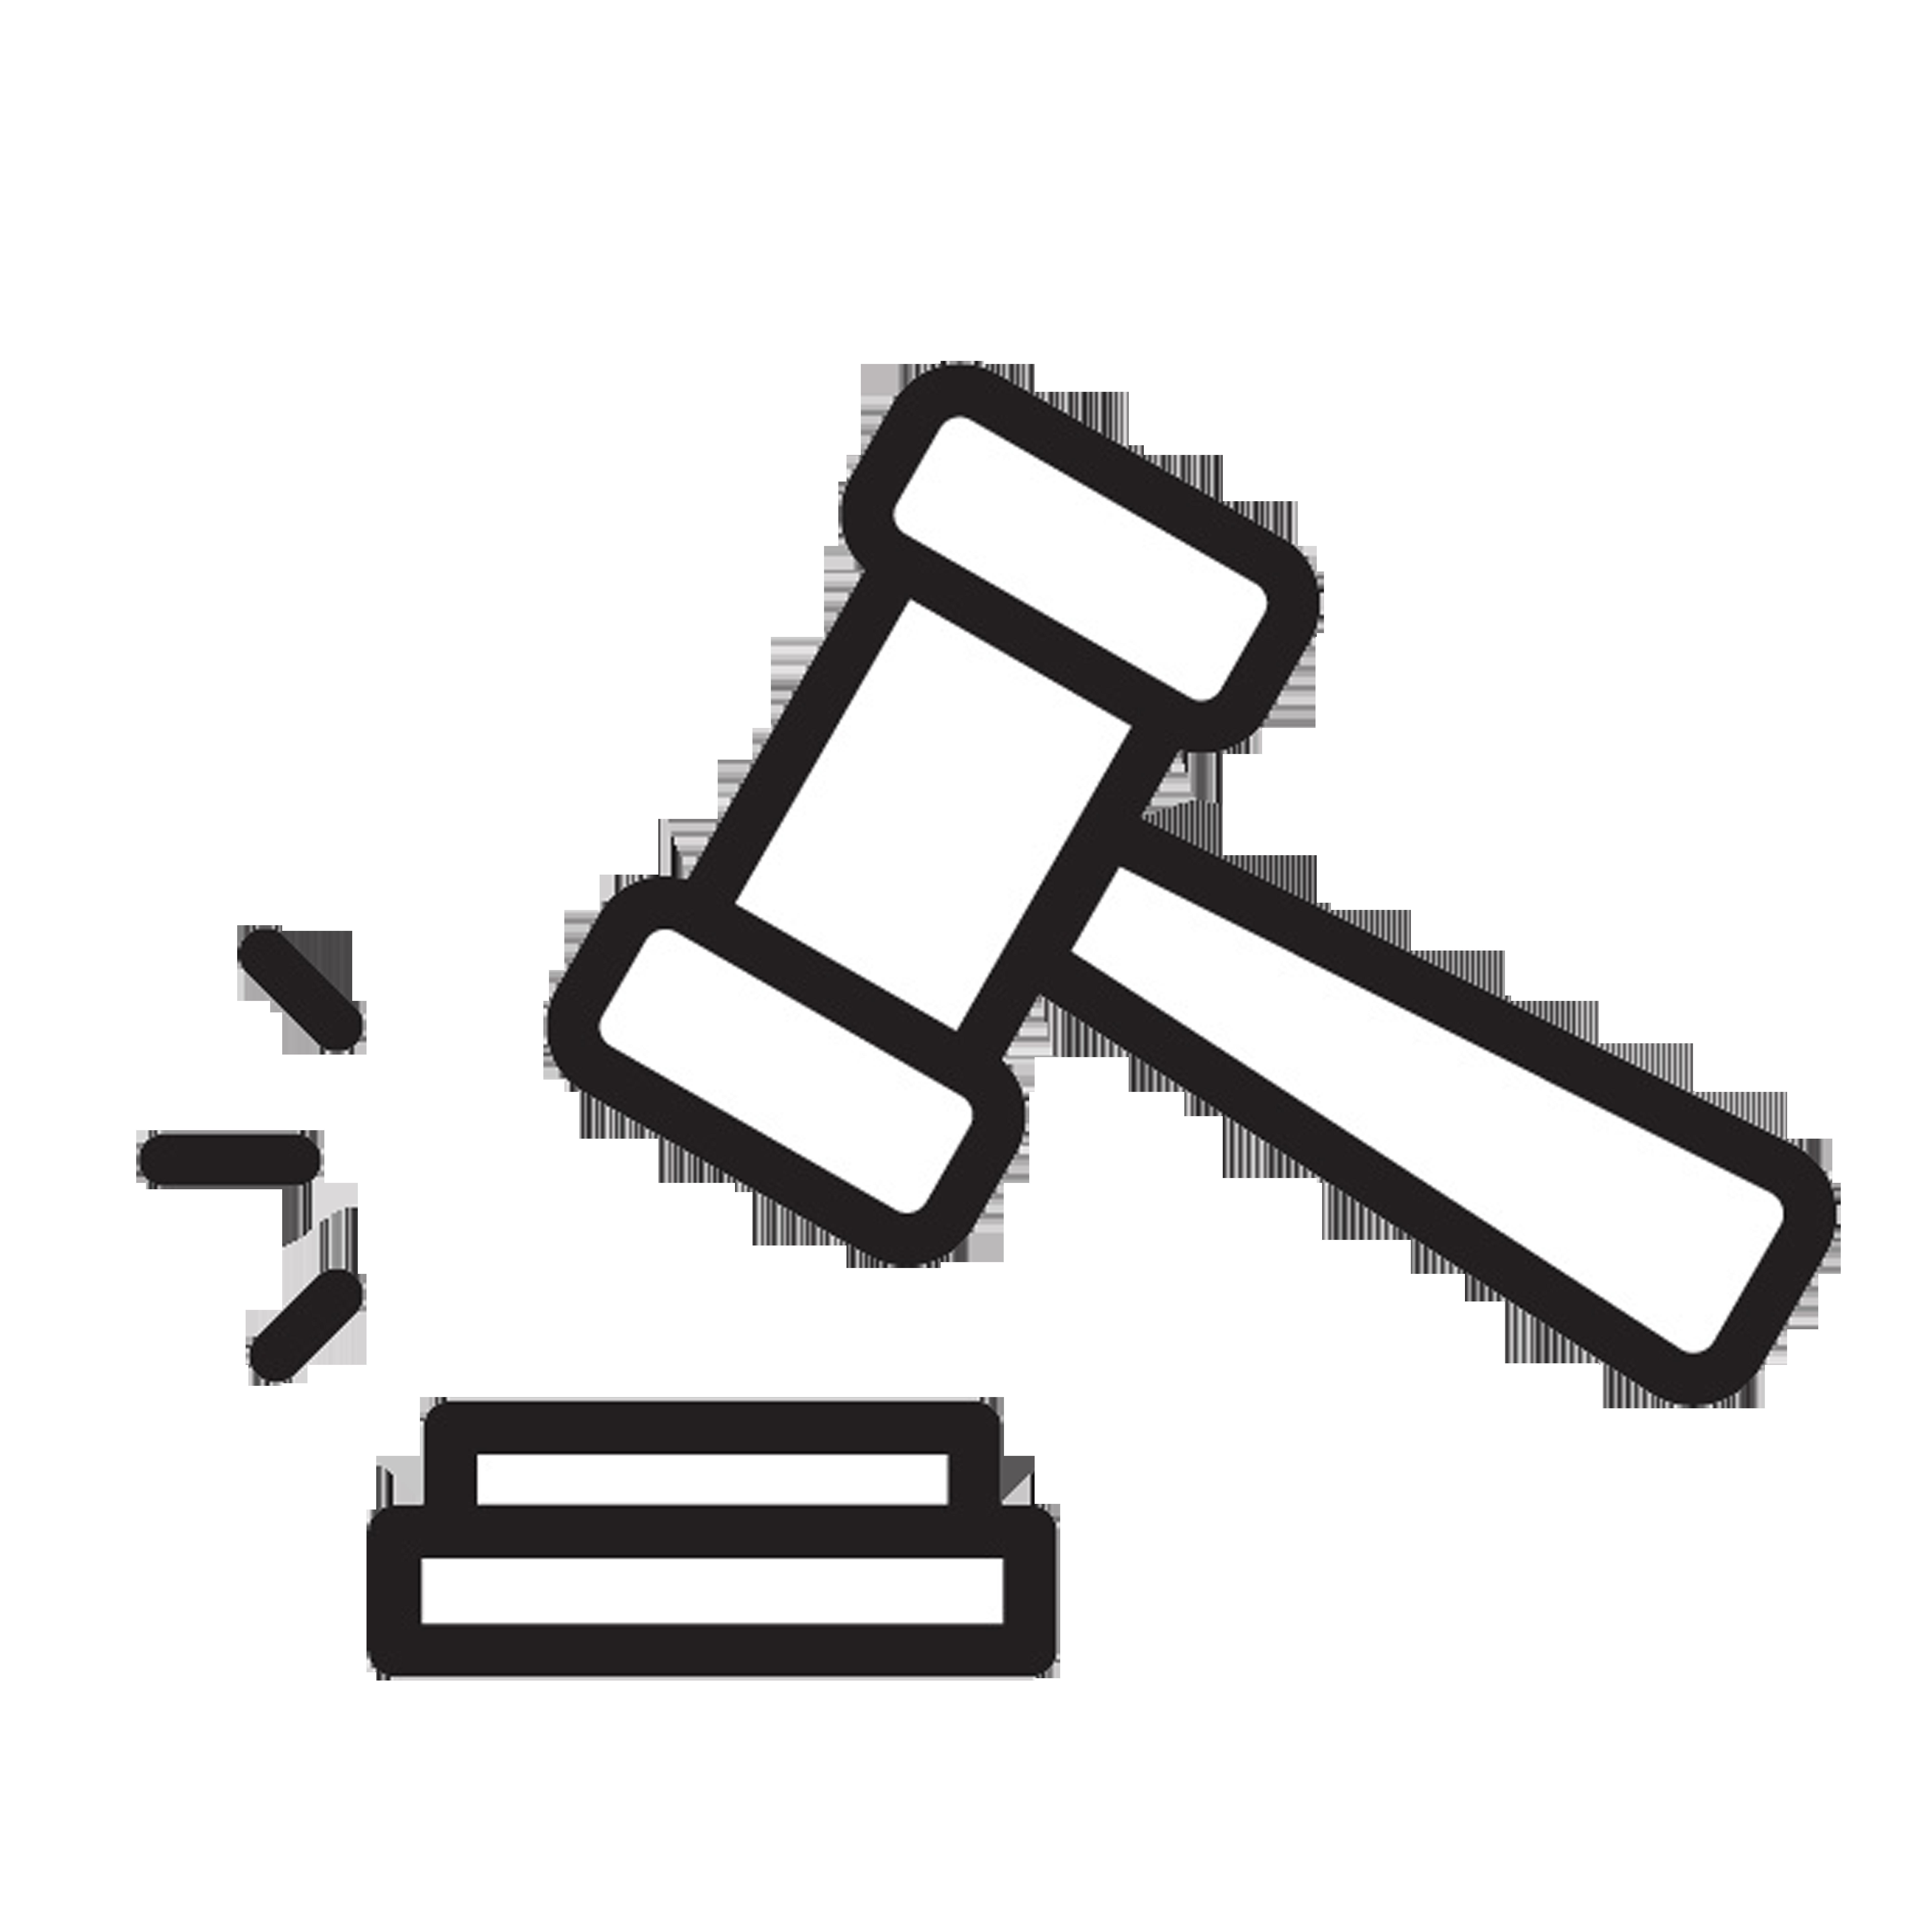 työajanseurantajärjestelmä - lakisääteisyys